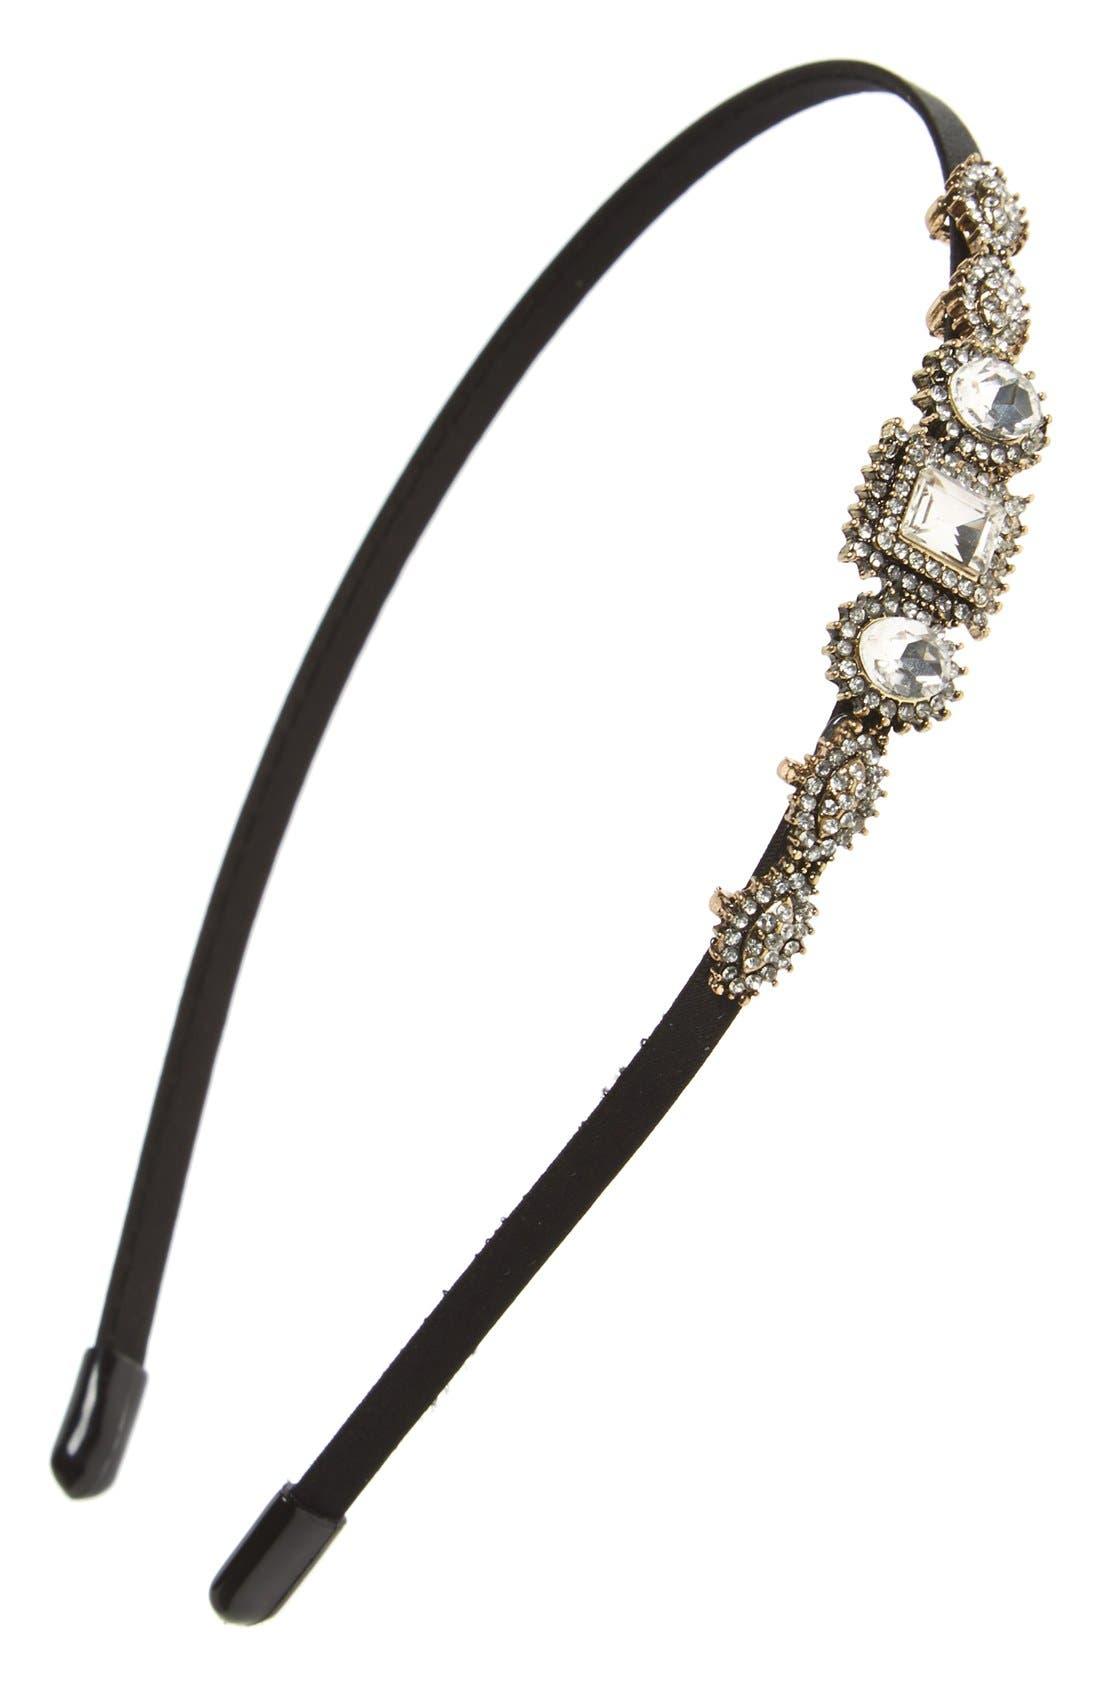 Alternate Image 1 Selected - Tasha 'Crystal Clear' Headband